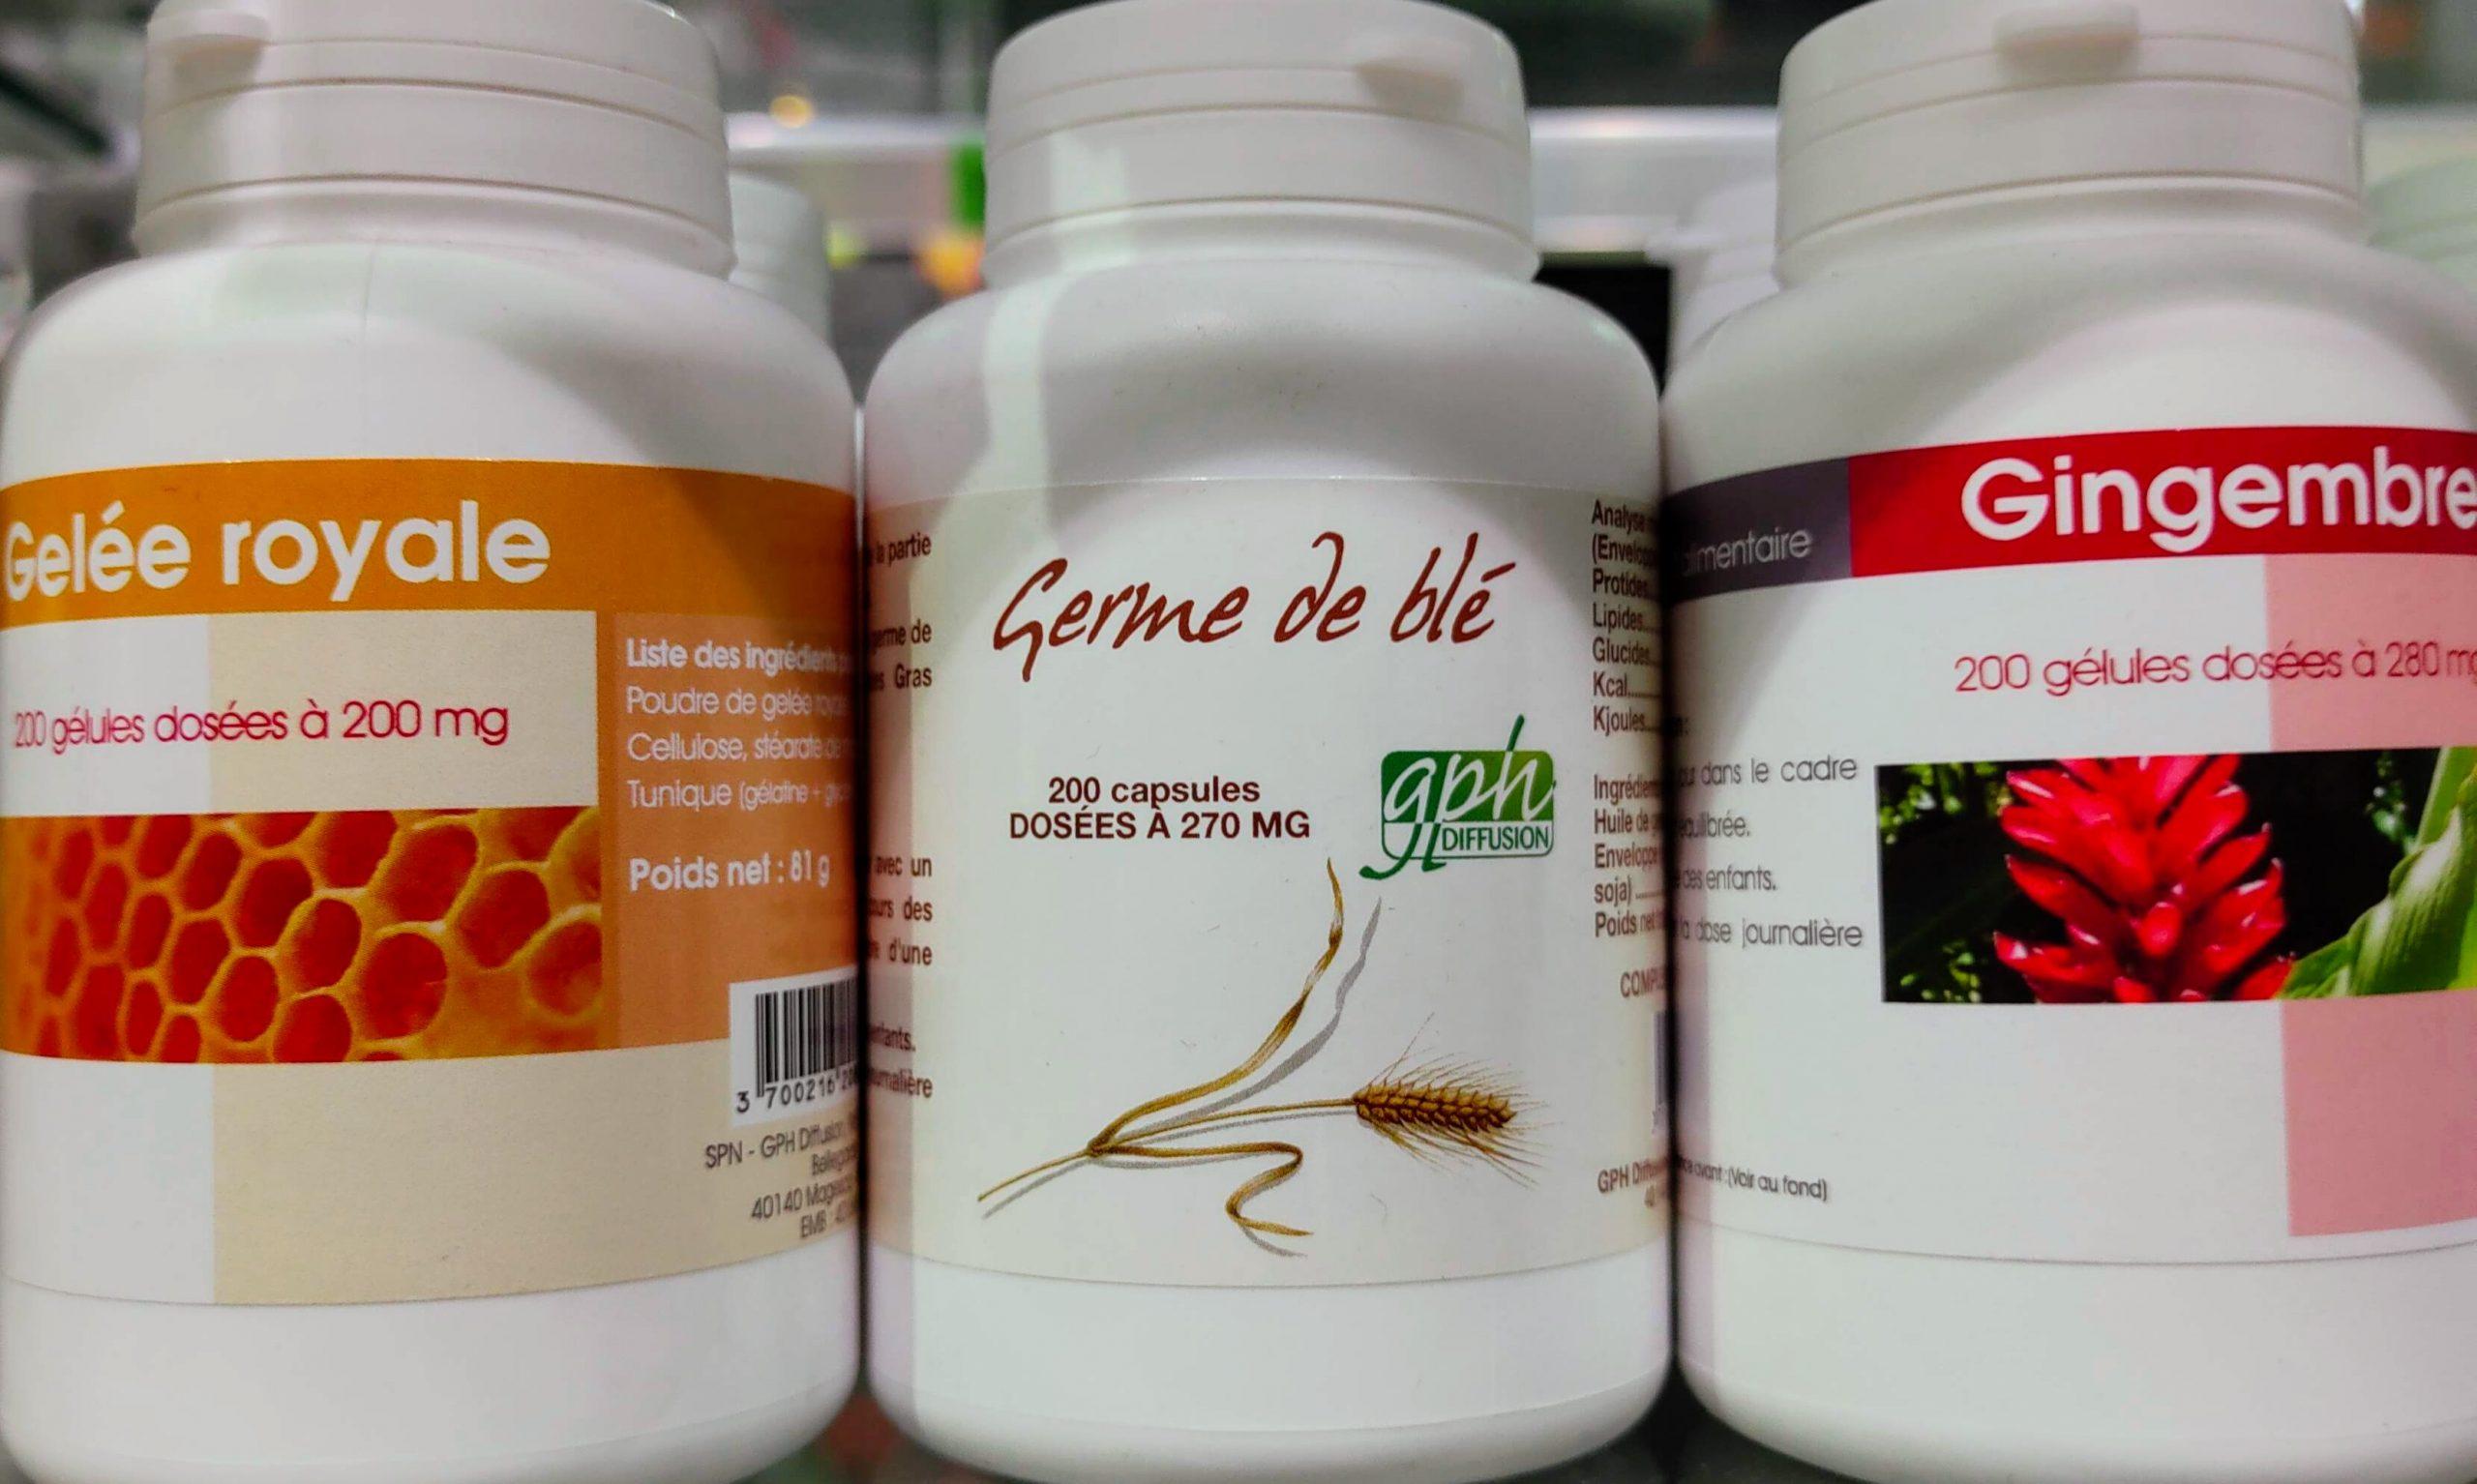 complemento alimenticio que aporta una energía extra al cuerpo con su base de jalea real. Esta jalea real se presentasin azúcary con un aporte reducido de calorías (4 calorías por ampolla). La jalea real está indicada para niños, deportistas y personas de edad avanzada que sufren estrés y sobreesfuerzo.COMPRAR JALEA REAL Cuídate tomando jalea real y empieza el día con energía rica en proteínas e hidratos de carbono ayudarás al sistema inmunitario y nervioso a reforzarse.